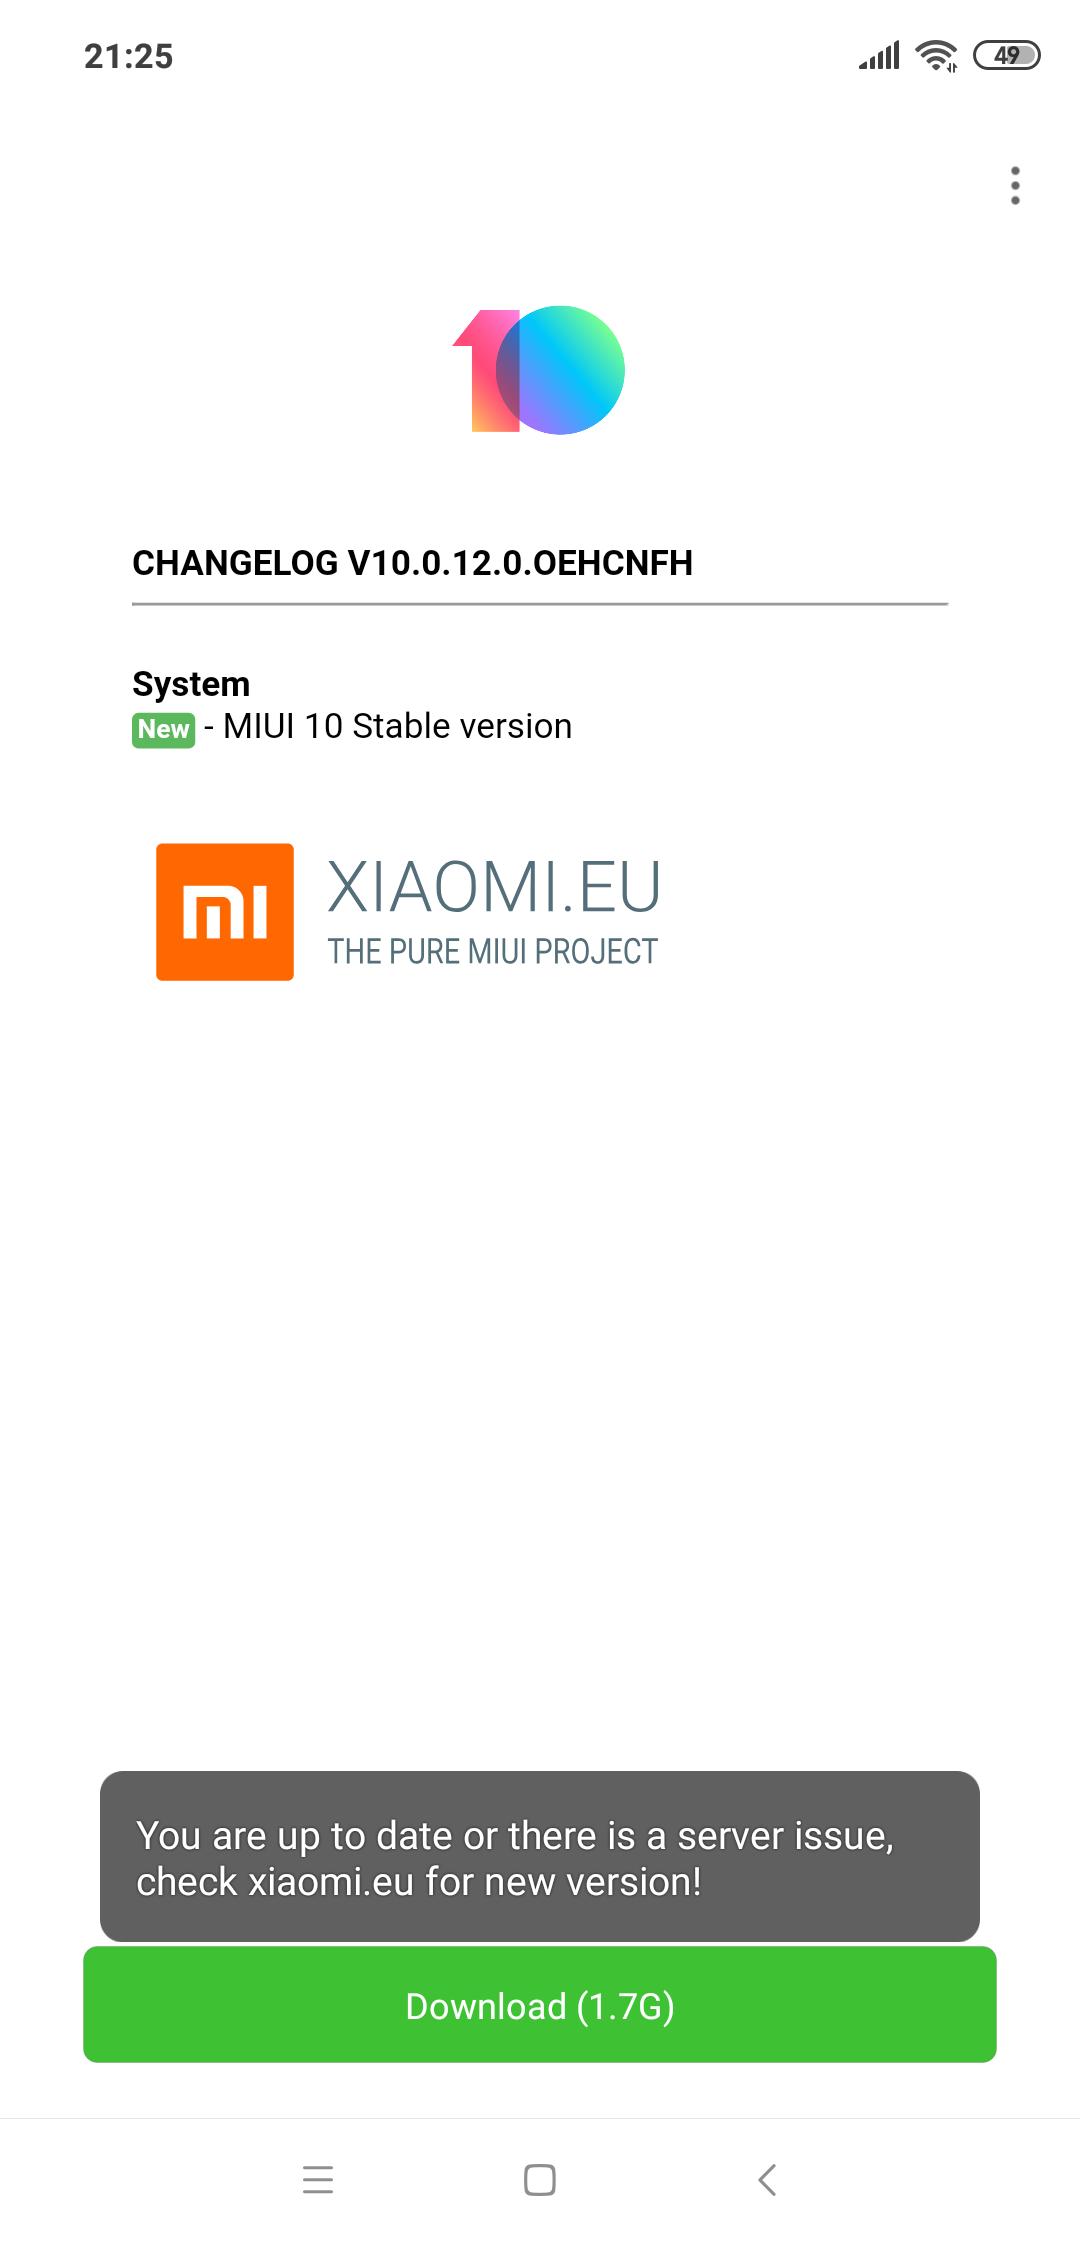 Xiaomi European Community